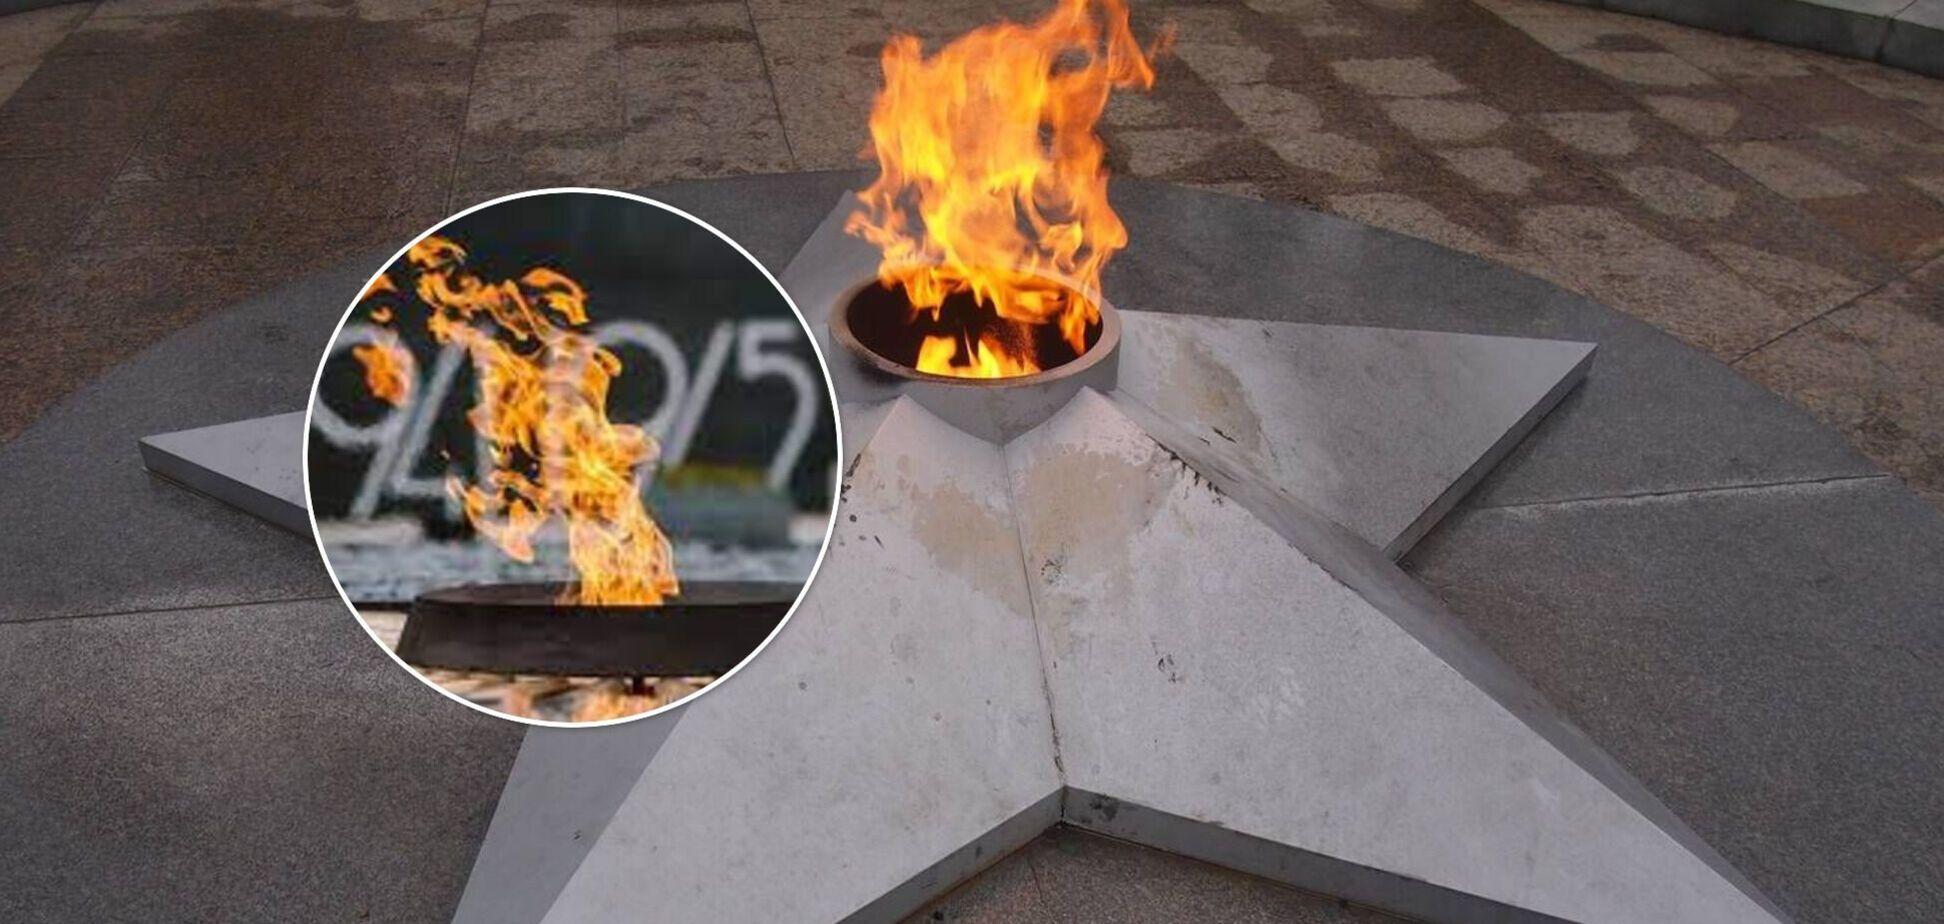 На Киевщине семья жарила маршмеллоу на Вечном огне. Видео